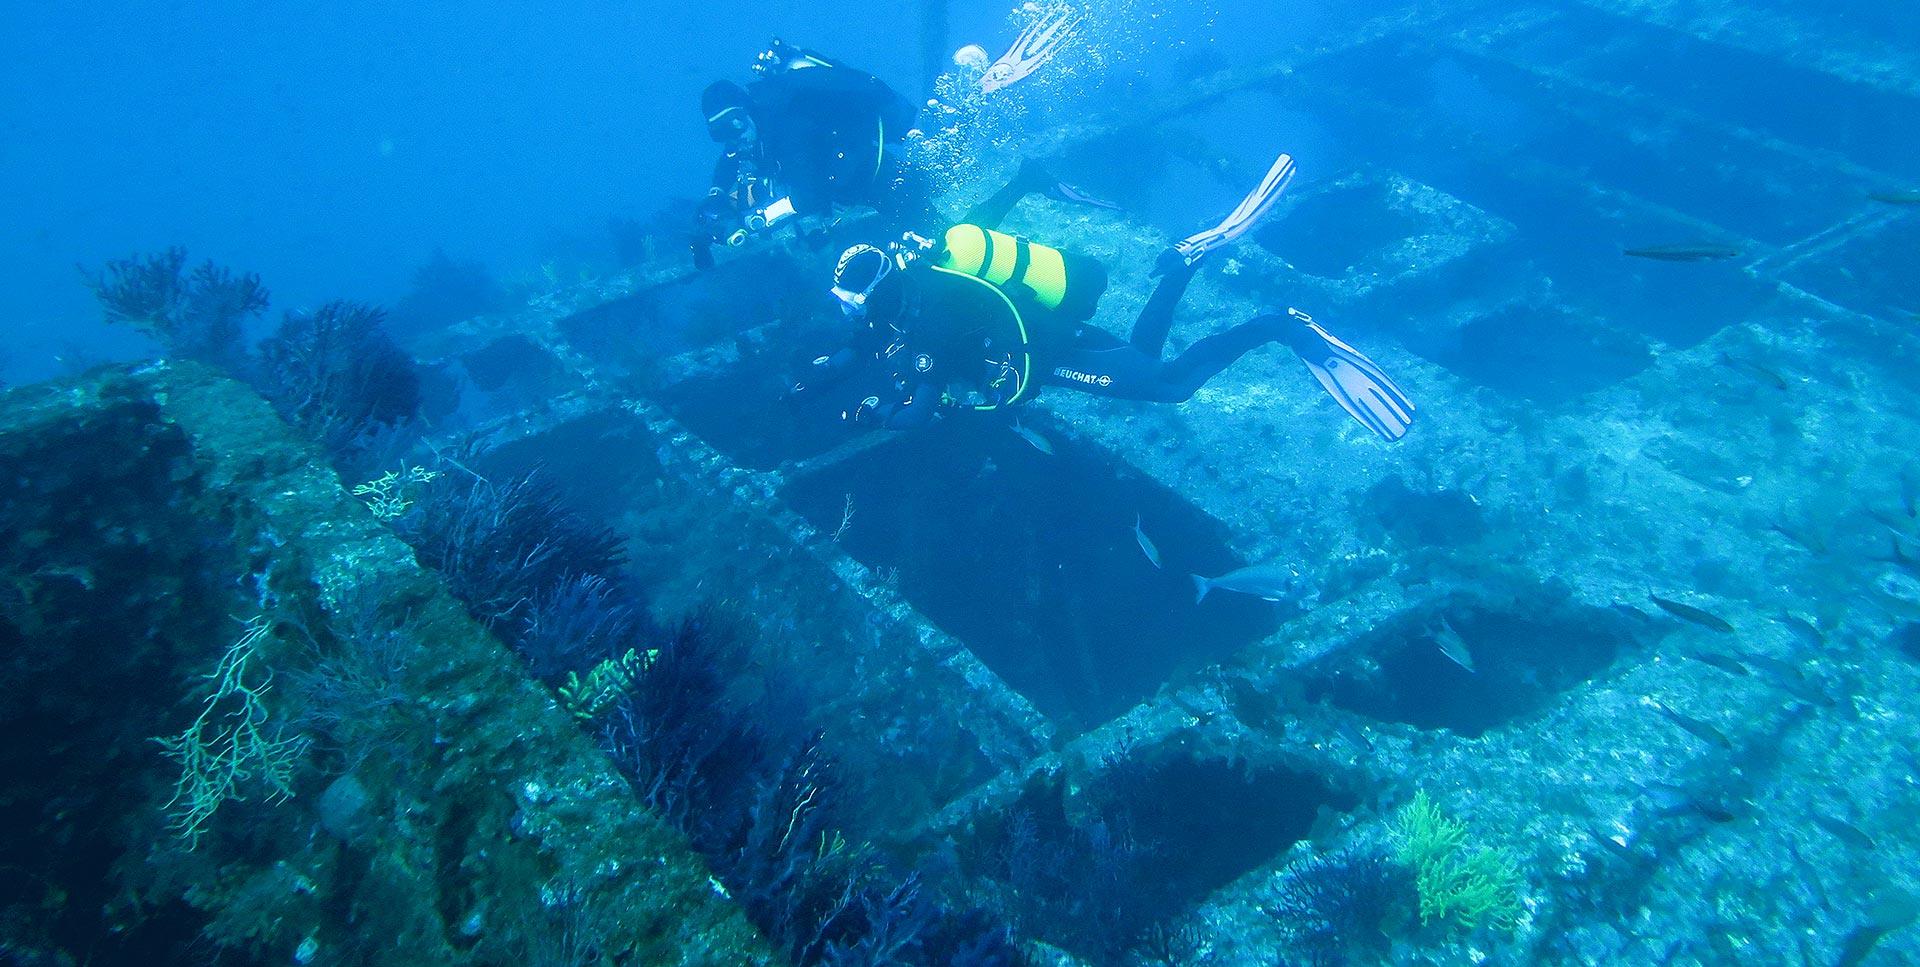 Accident de Plongée: Décès d'un Plongeur sur l'Epave du Donator, ce 08/10/2020